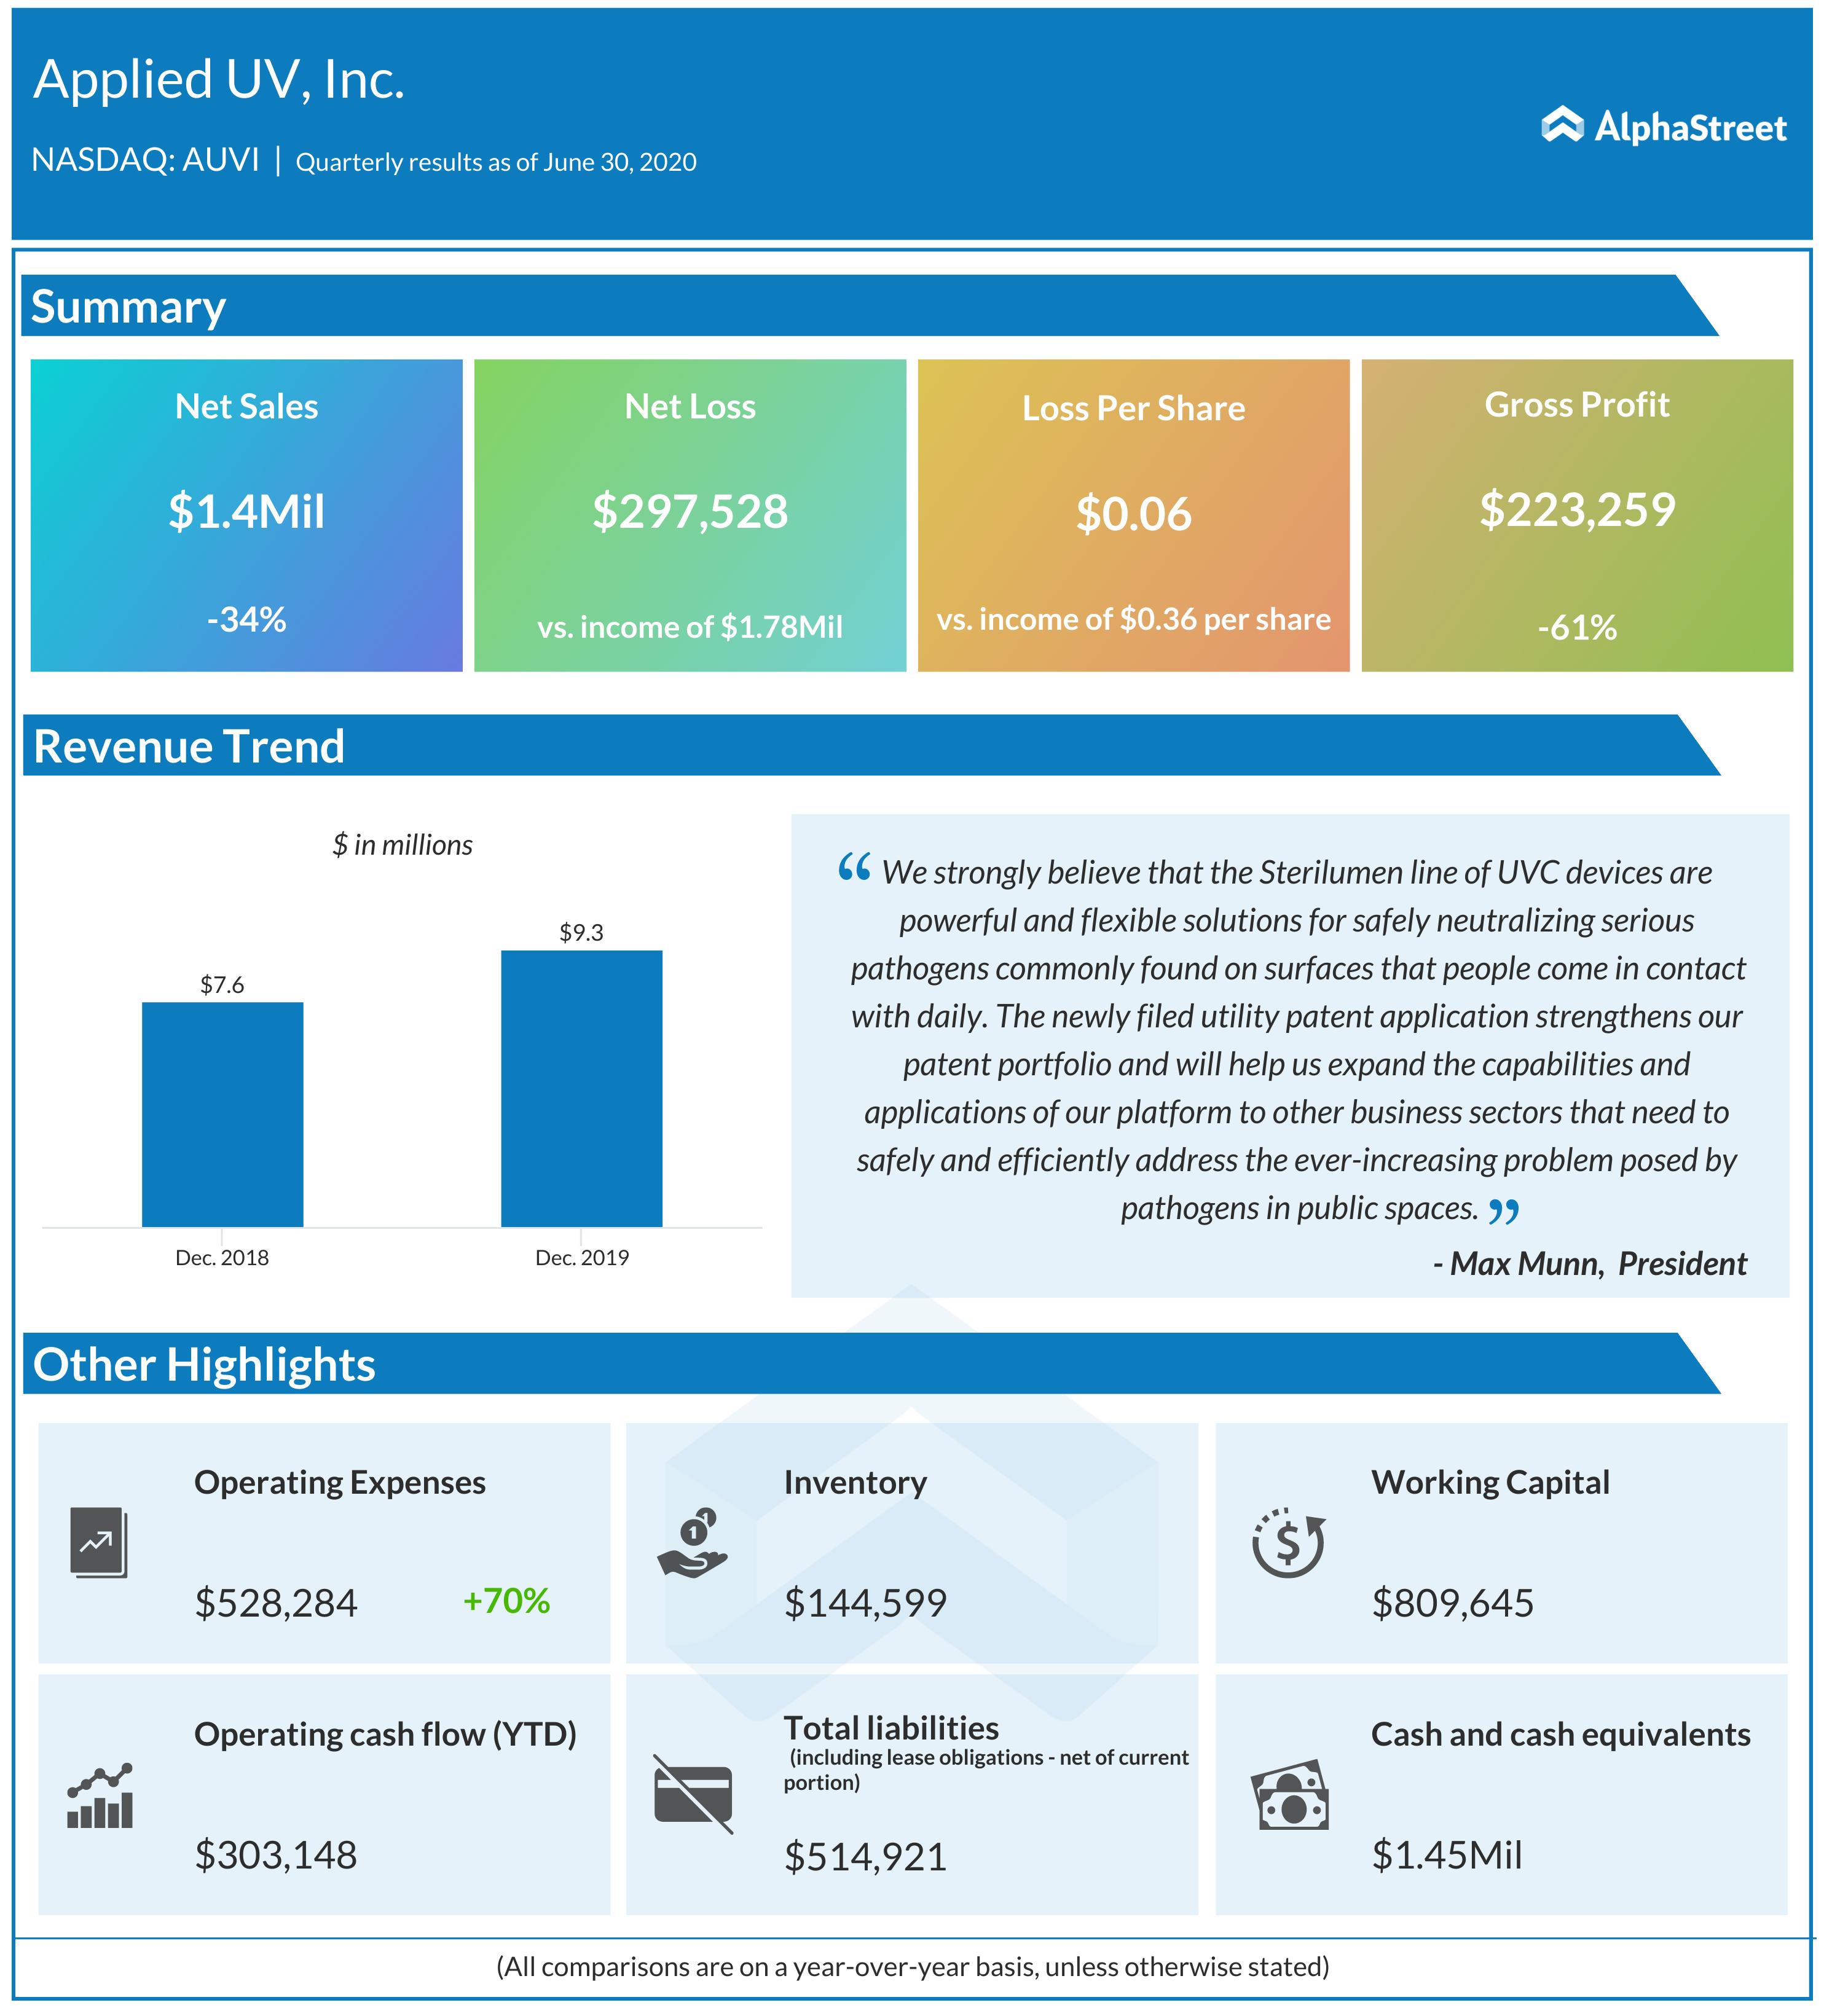 Applied UV earnings